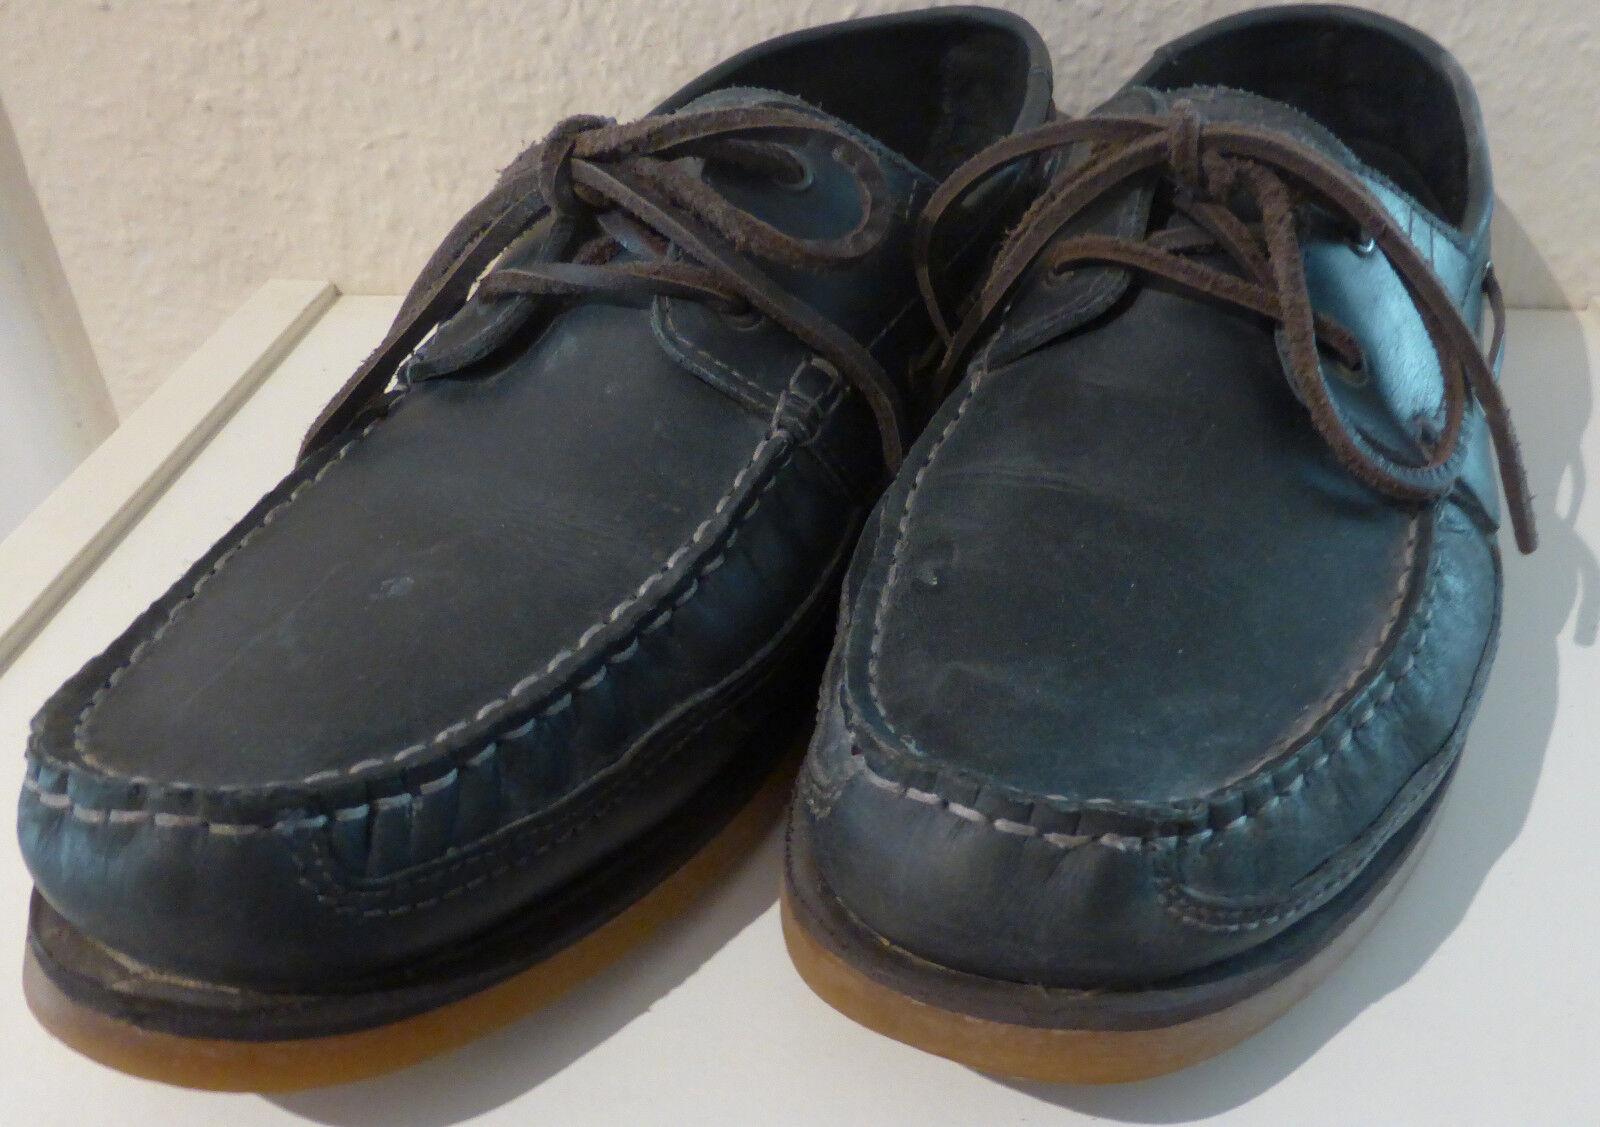 Klassische Docksider / Stiefelschuhe blau Gr. 42